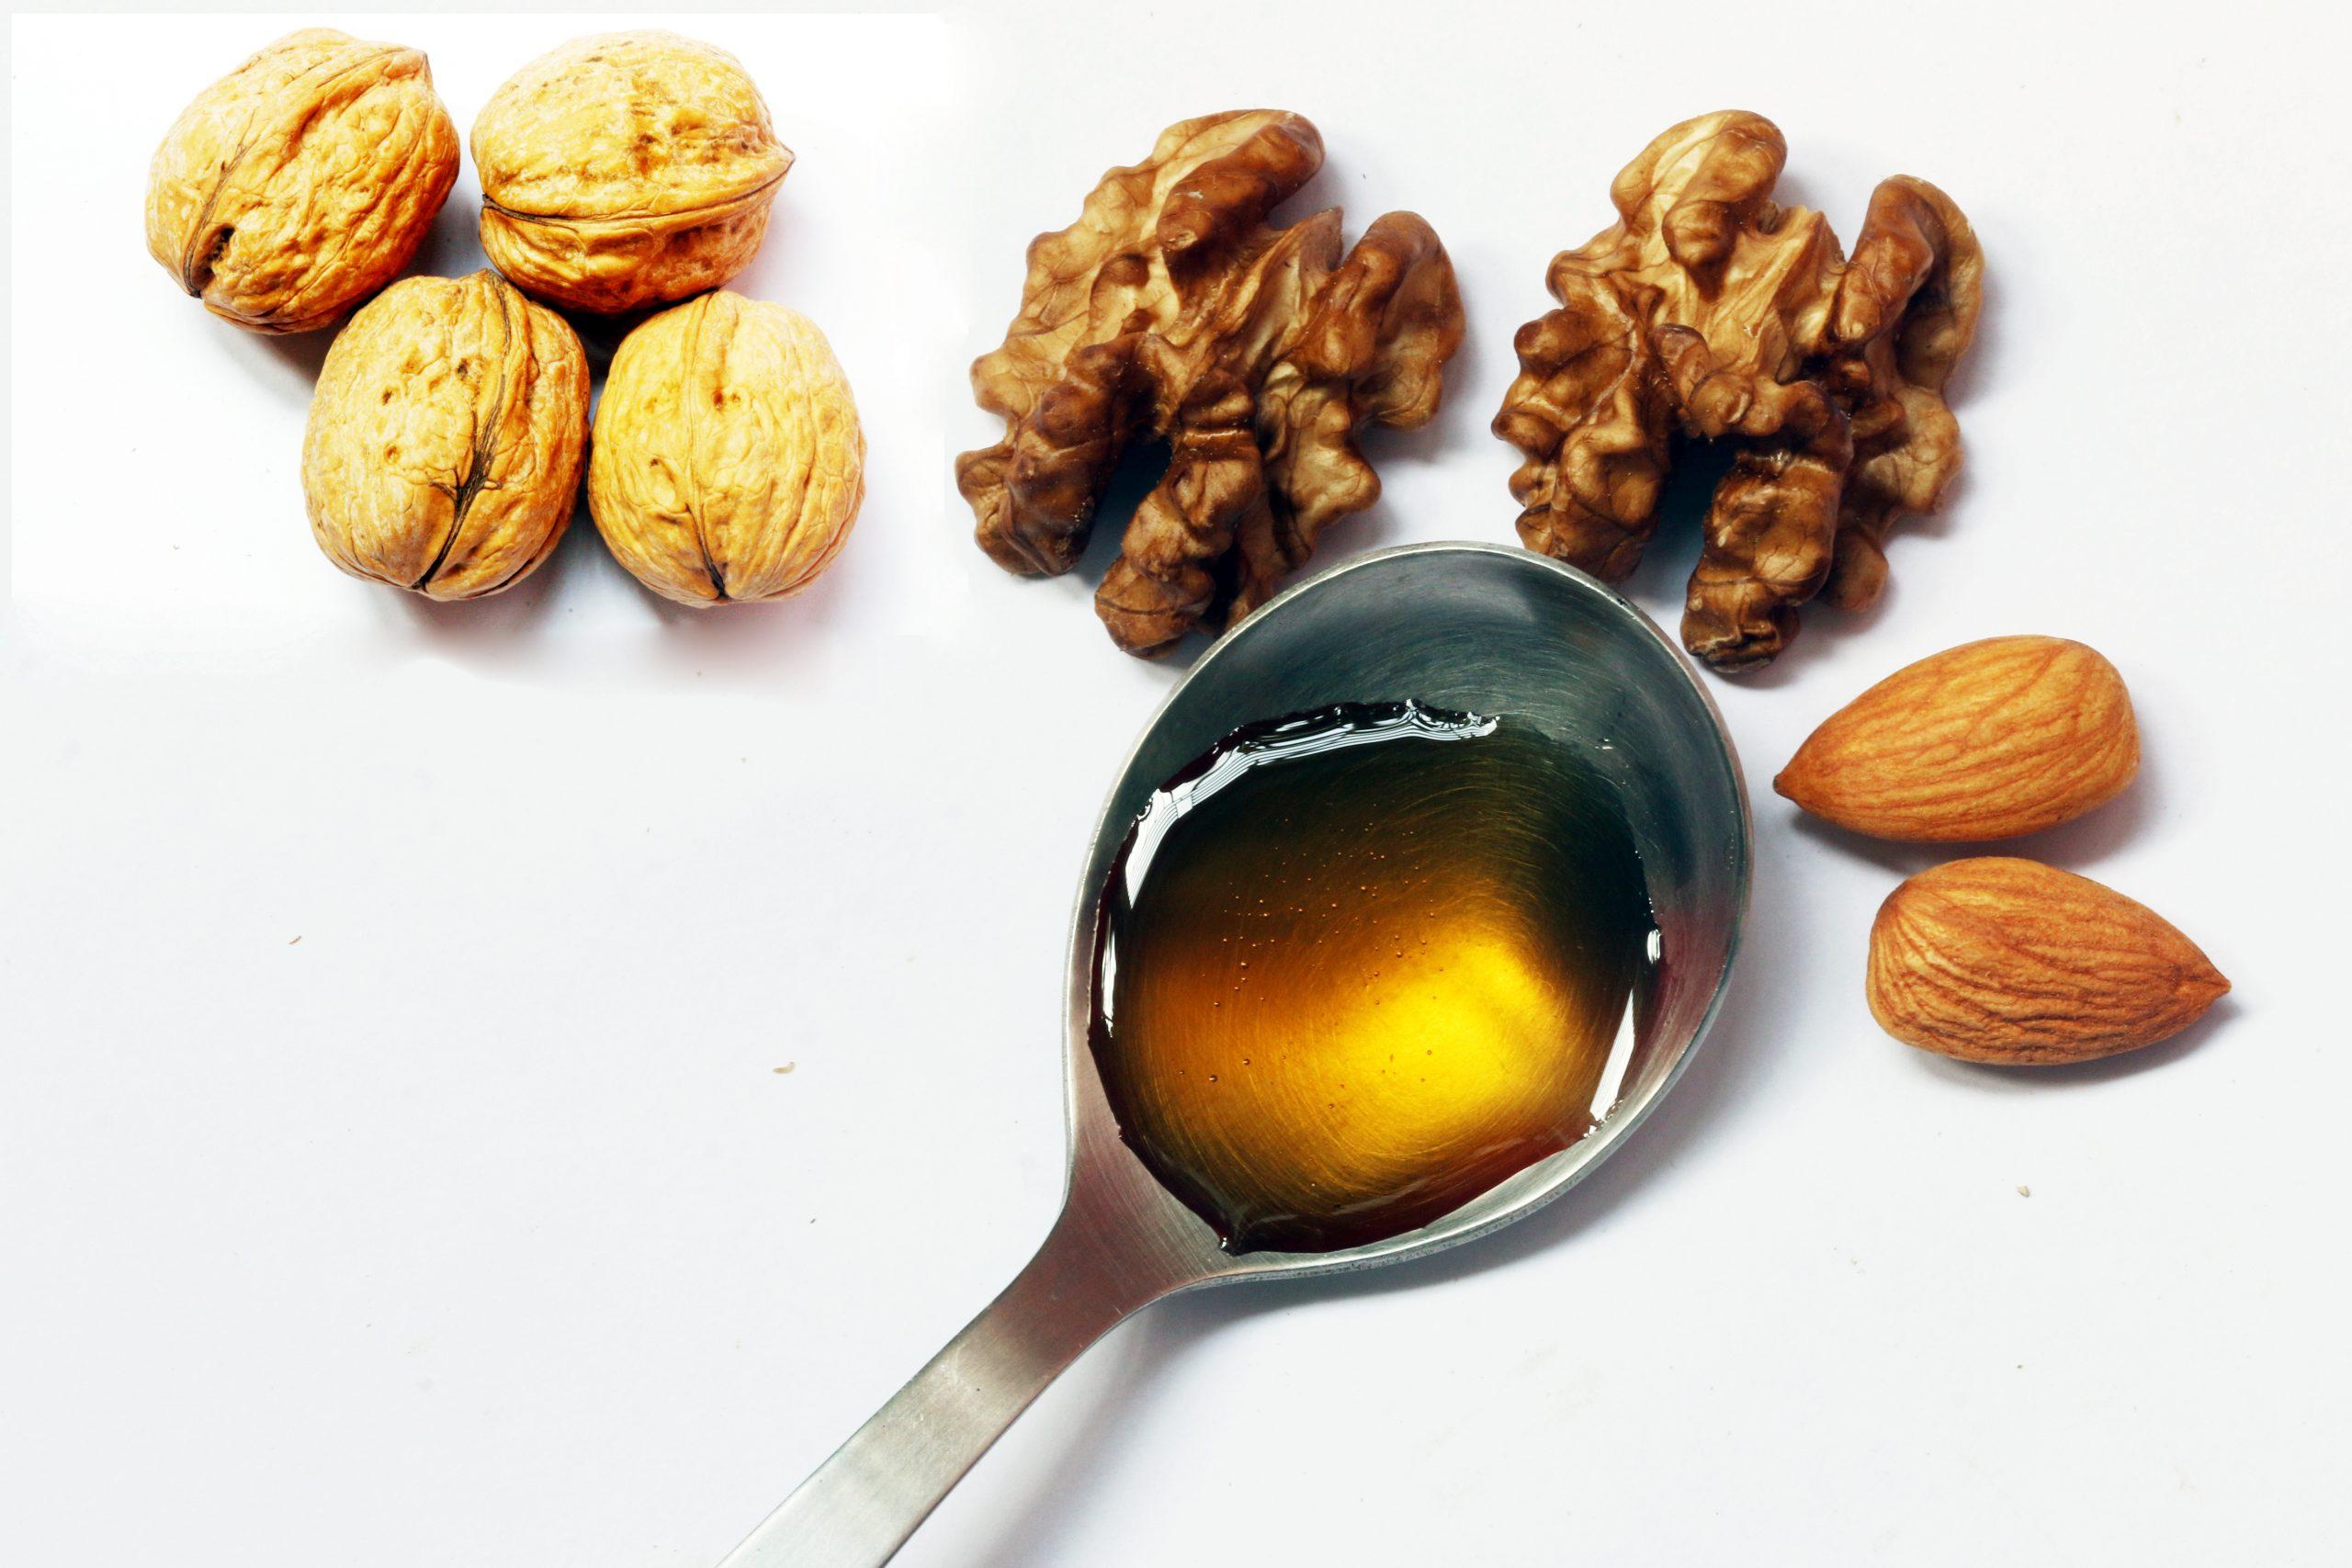 Walnut and almonds